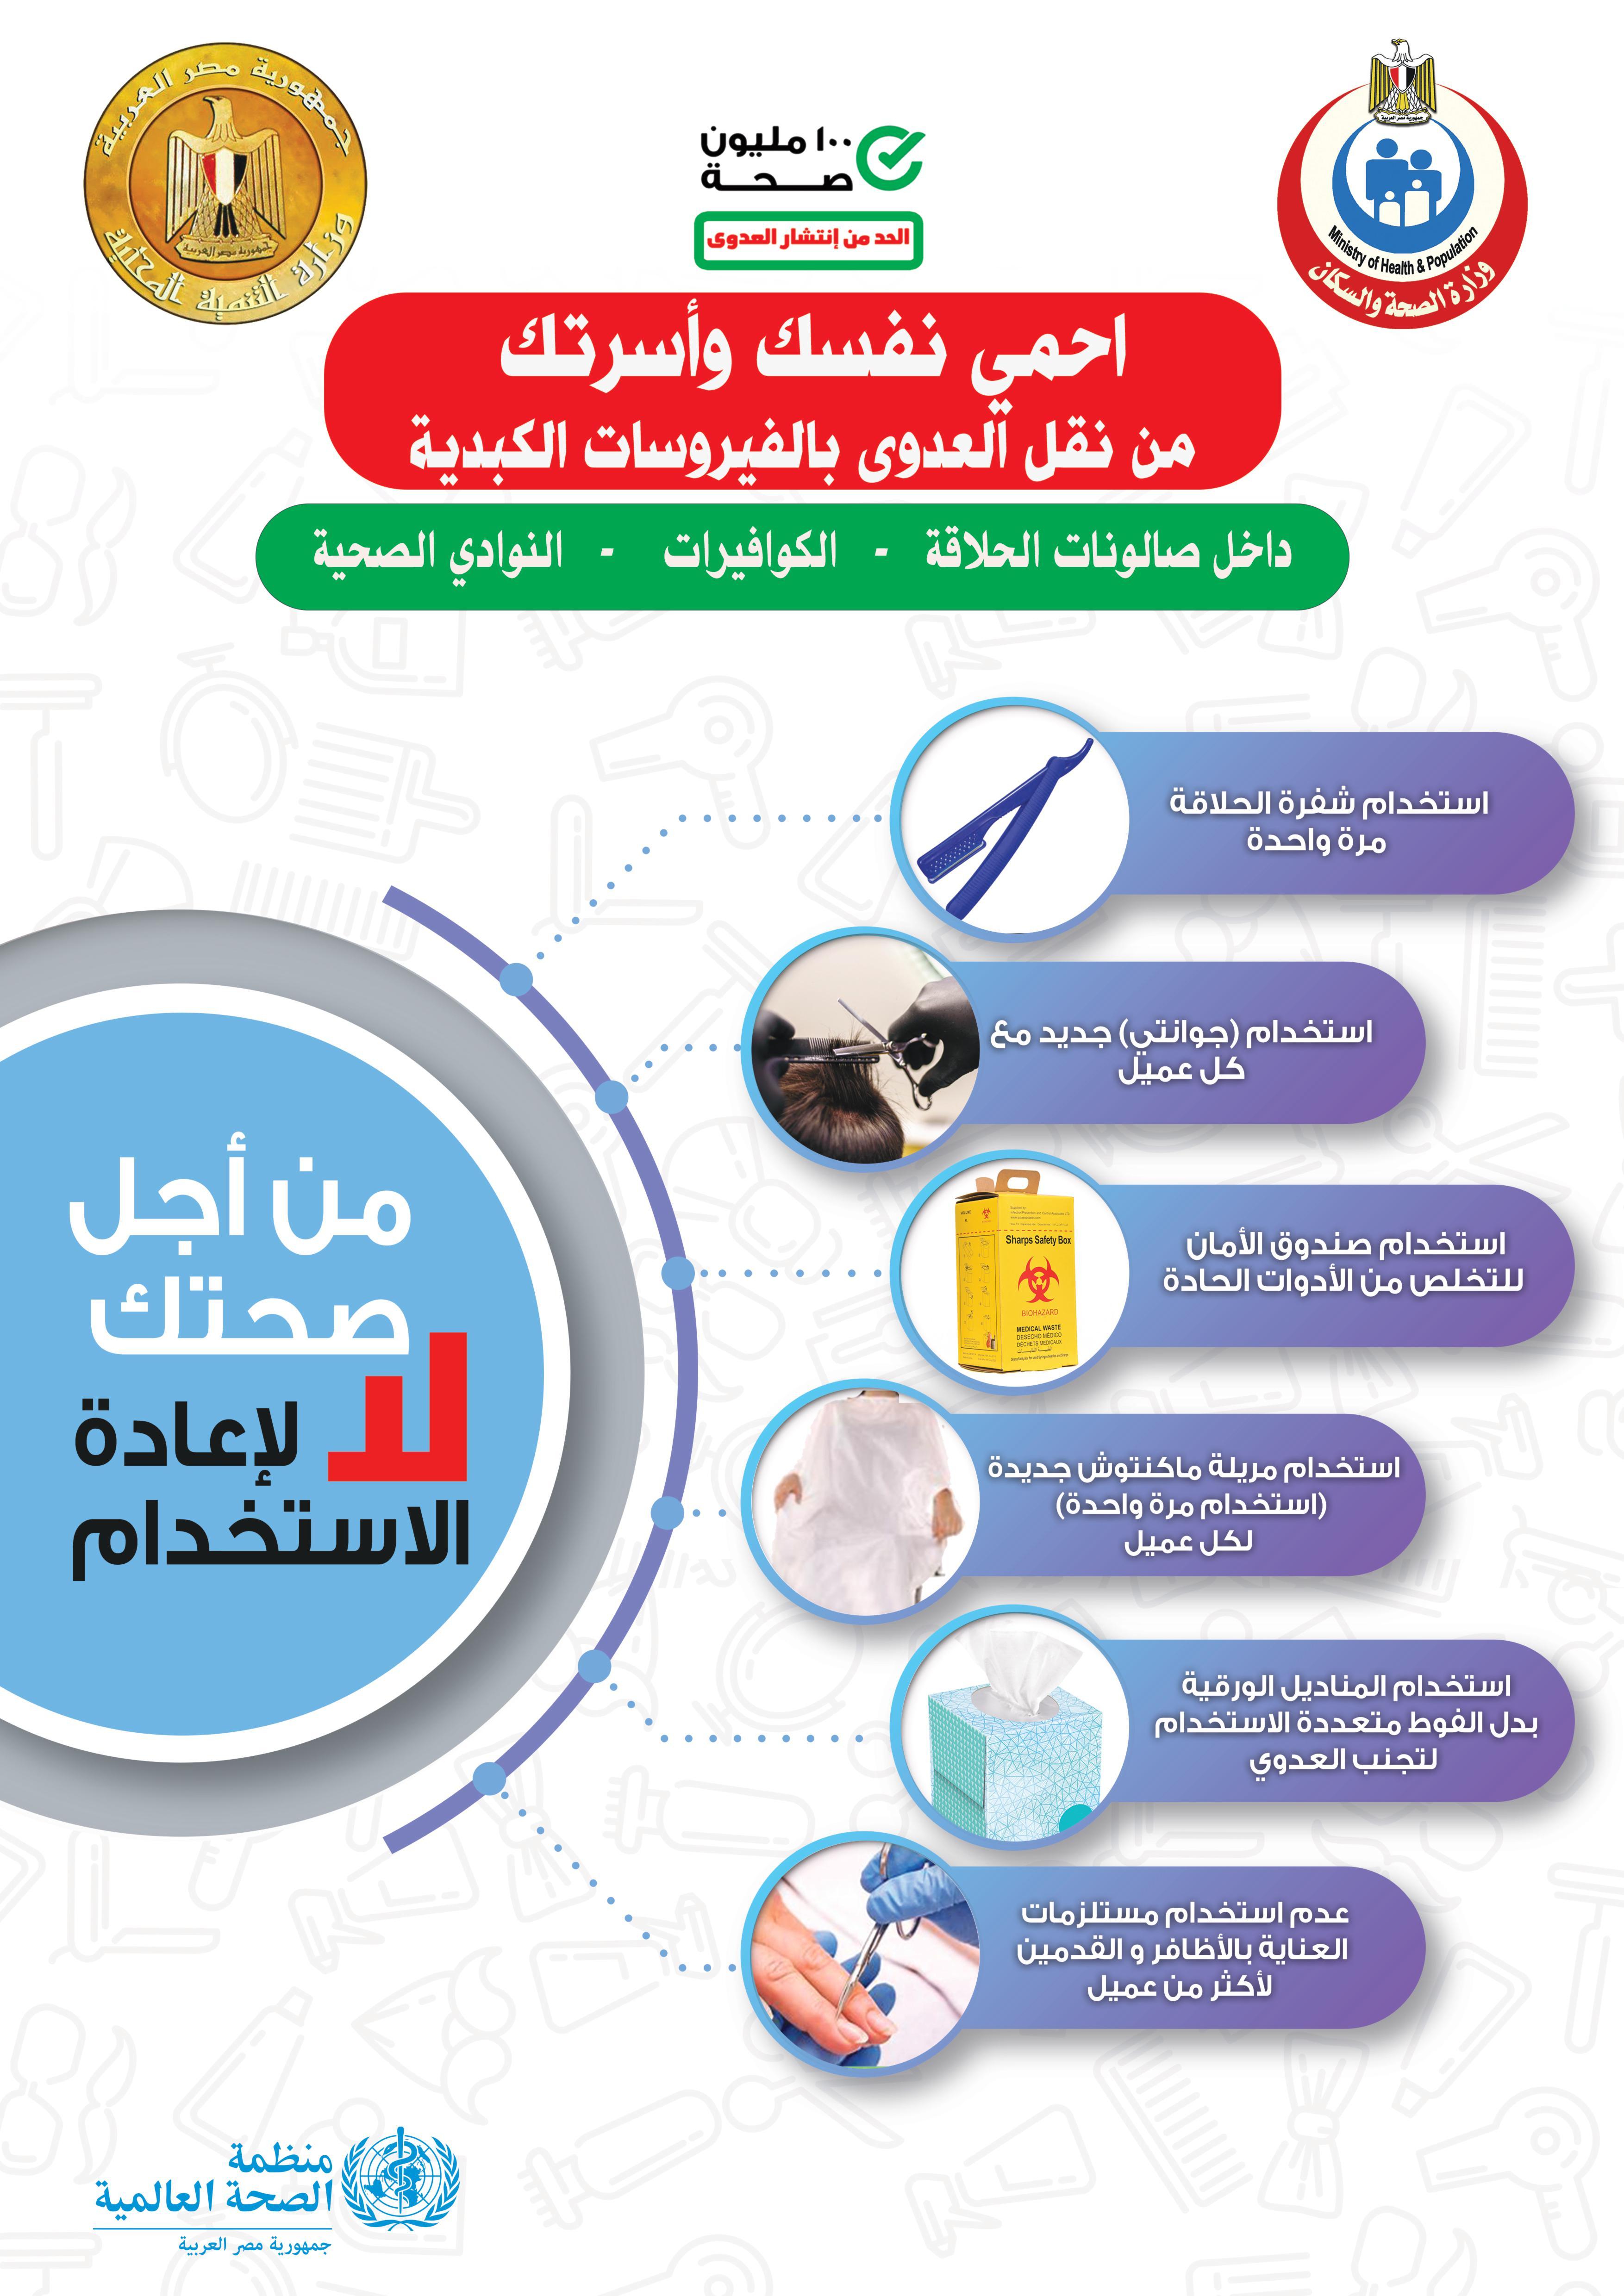 حملة الحد من انتشار ونقل العدوى بالفيروسات الكبدية